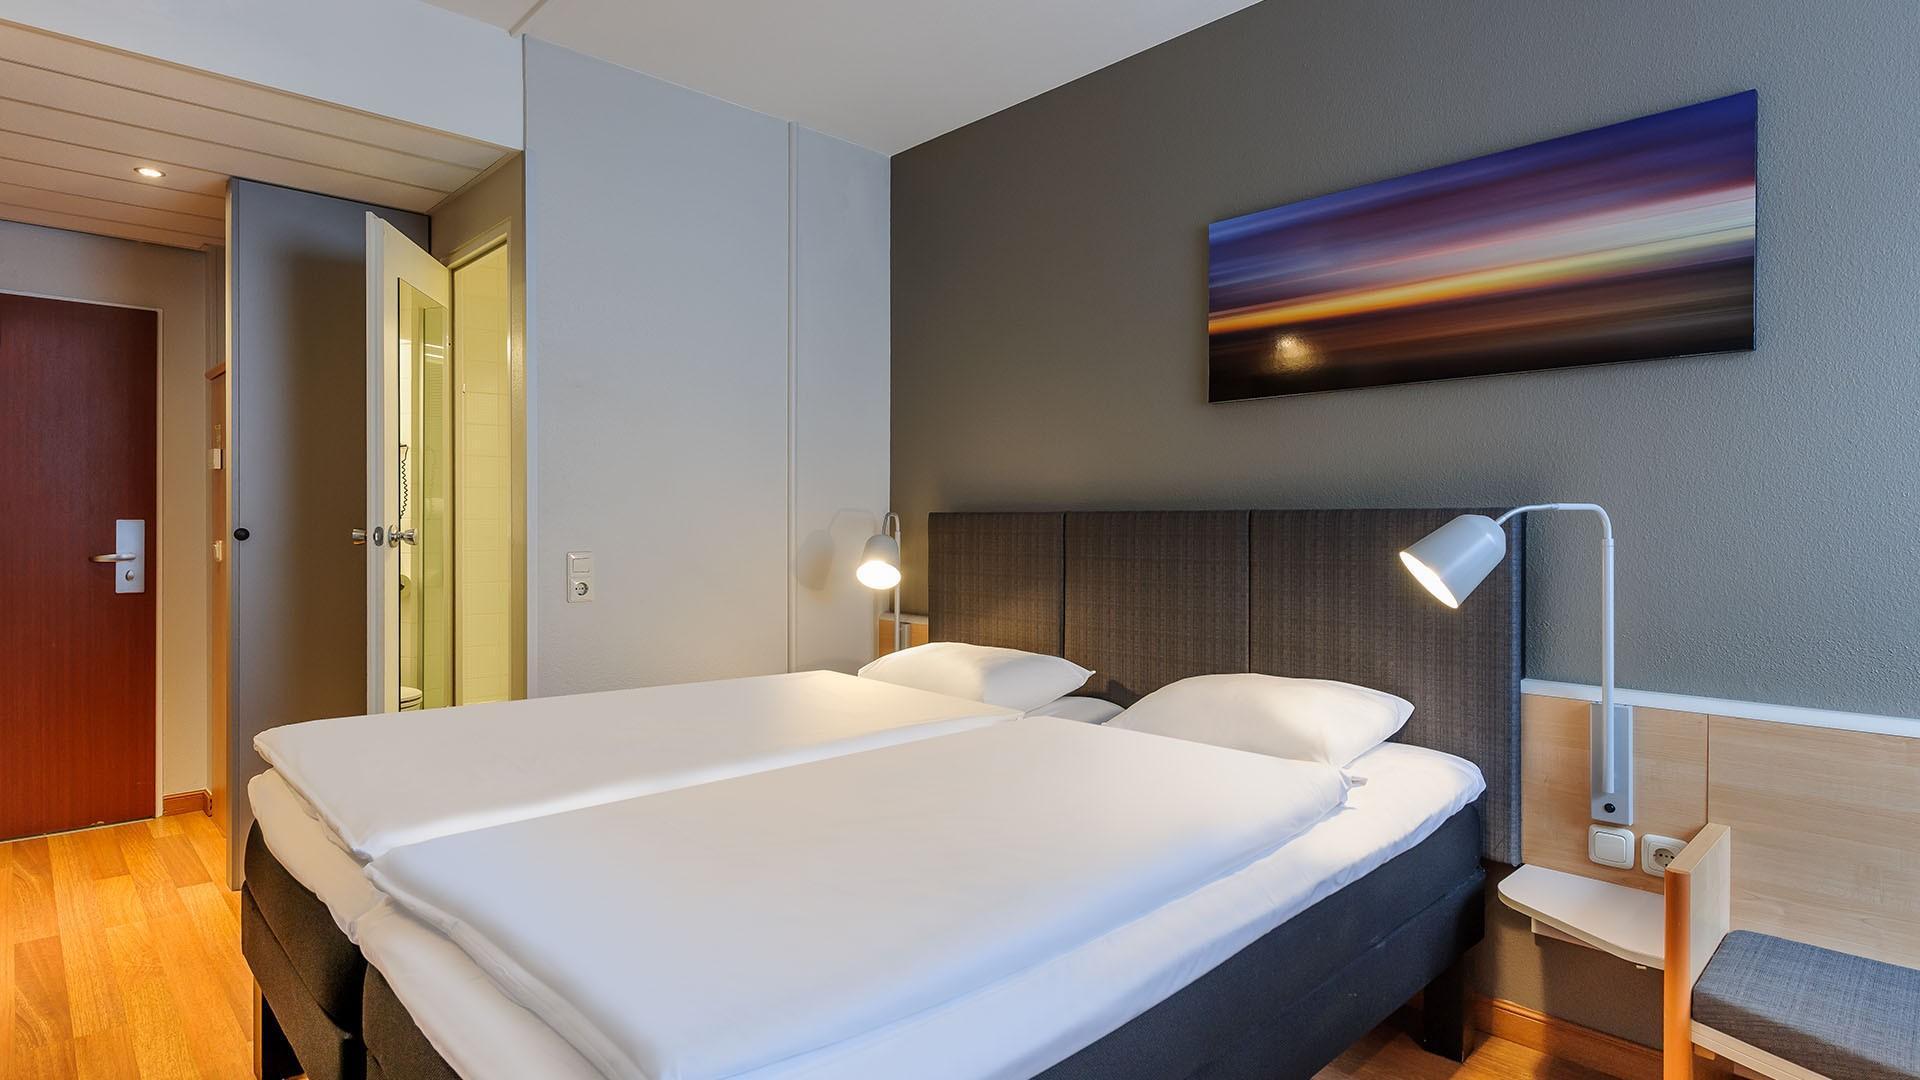 ibis bremen city standardzimmer bettanlage und bad event hotels intl markenhotellerie in. Black Bedroom Furniture Sets. Home Design Ideas